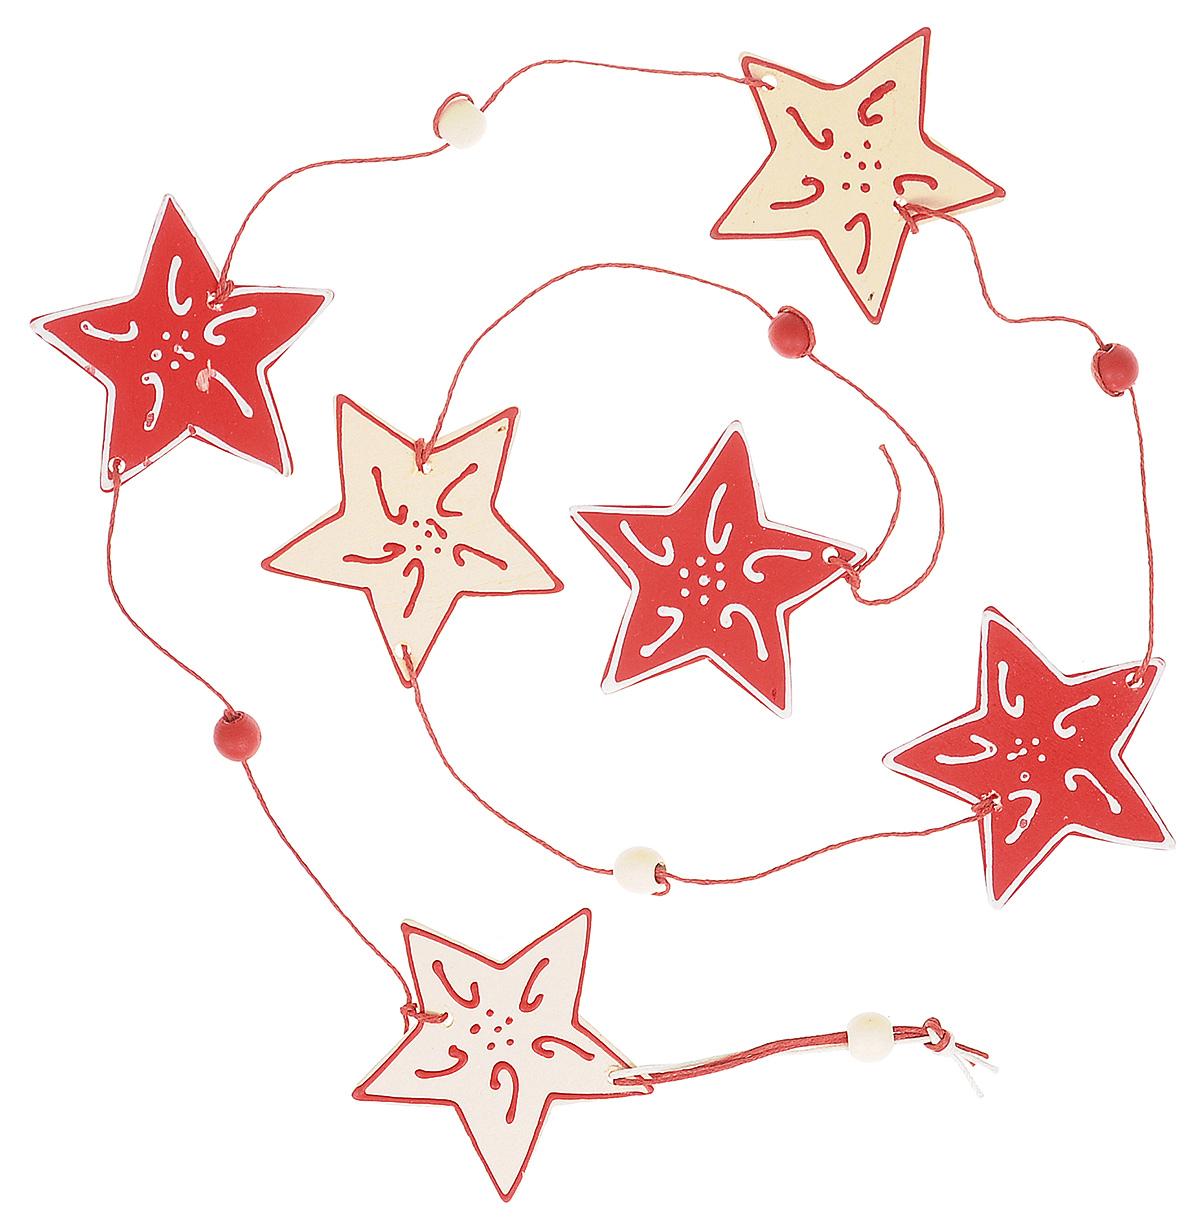 Новогоднее подвесное украшение Lunten Ranta Праздничная гирлянда, длина 100 см59579Новогоднее украшение Lunten Ranta Праздничная гирлянда отлично подойдет для декорации вашего дома и праздничной ели. Изделие выполнено в виде длинной подвески, декорированной деревянными фигурками звезд, нанизанными на текстильную нить. Елочная игрушка - символ Нового года. Она несет в себе волшебство и красоту праздника. Создайте в своем доме атмосферу веселья и радости, украшая всей семьей новогоднюю елку нарядными игрушками, которые будут из года в год накапливать теплоту воспоминаний. Размер фигурки (звезды): 6 см х 6 см х 0,5 см.